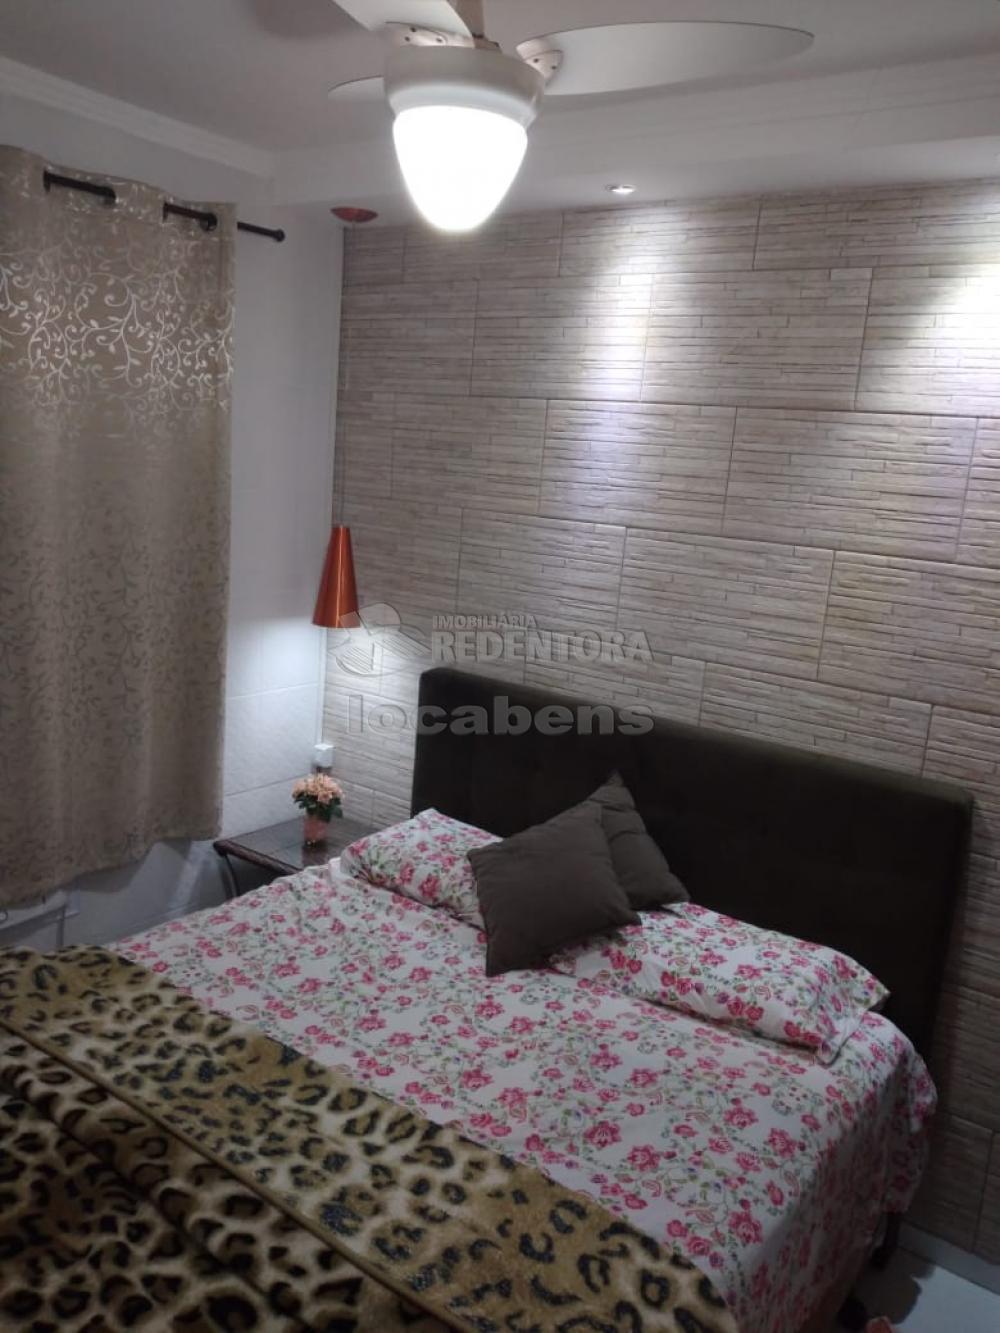 Comprar Apartamento / Padrão em São José do Rio Preto apenas R$ 157.000,00 - Foto 14